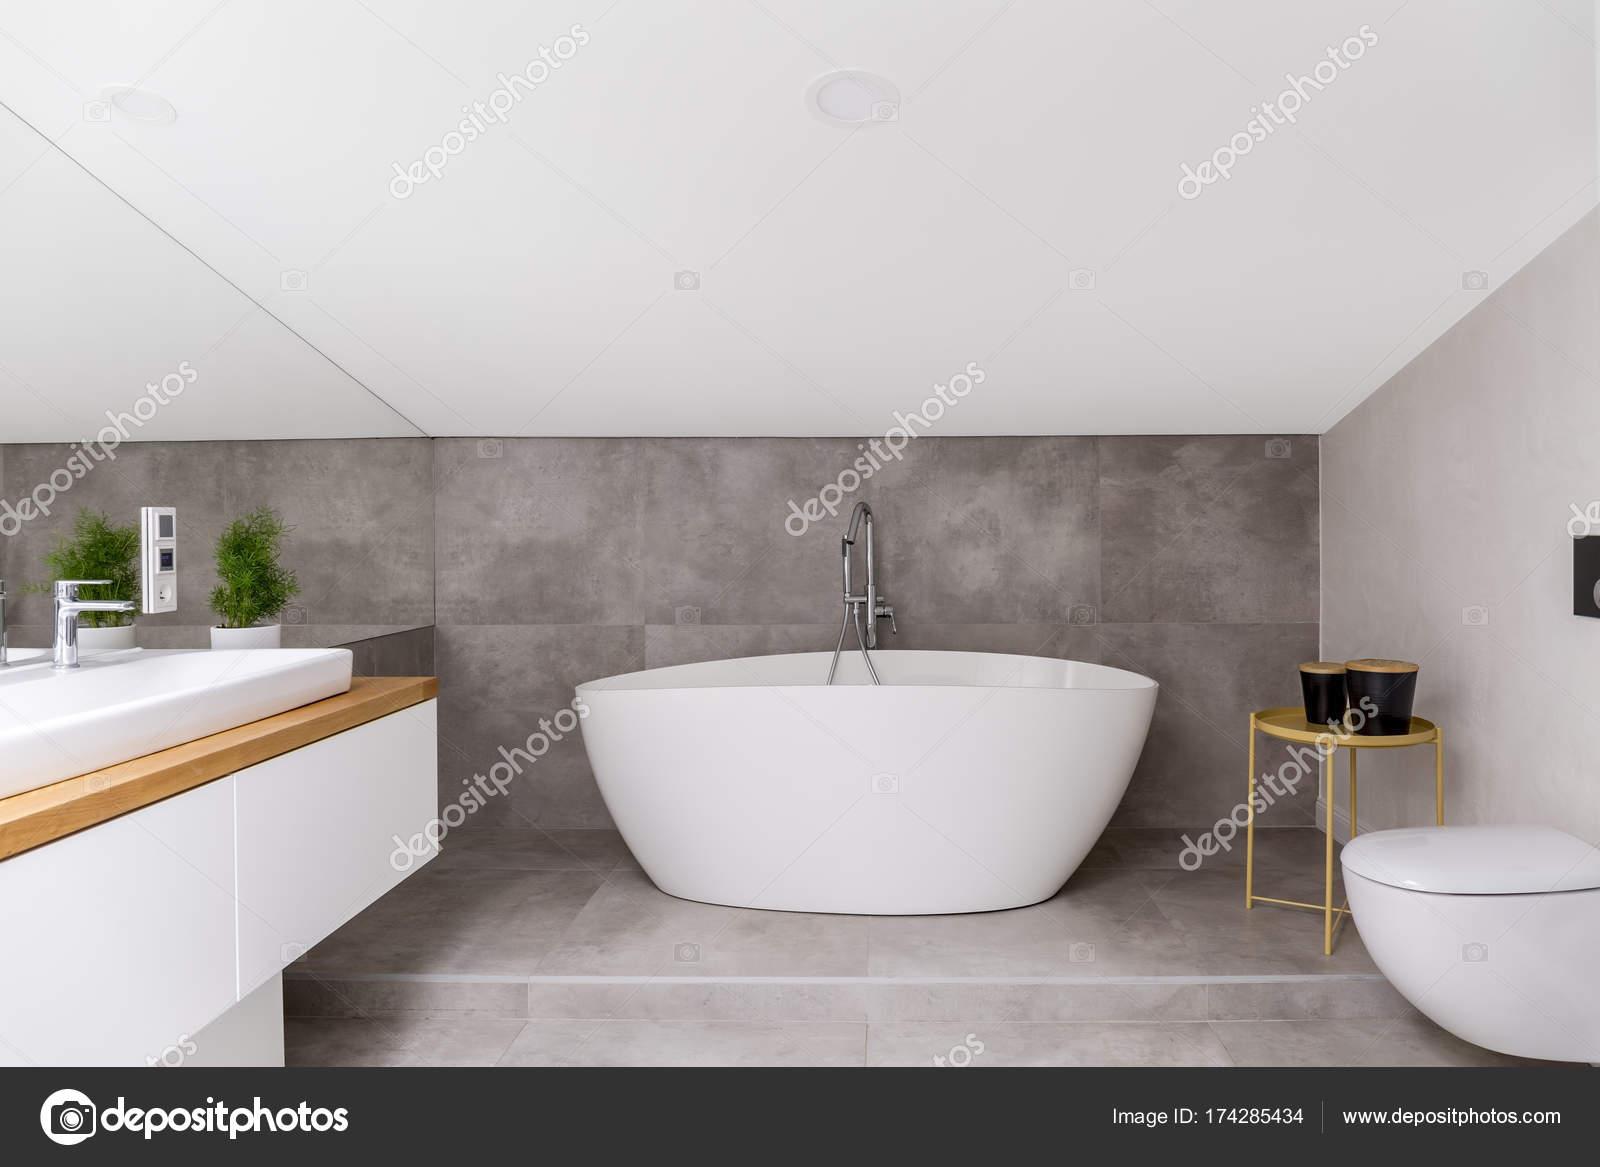 Vasca da bagno ovale contro smalto grigio u foto stock